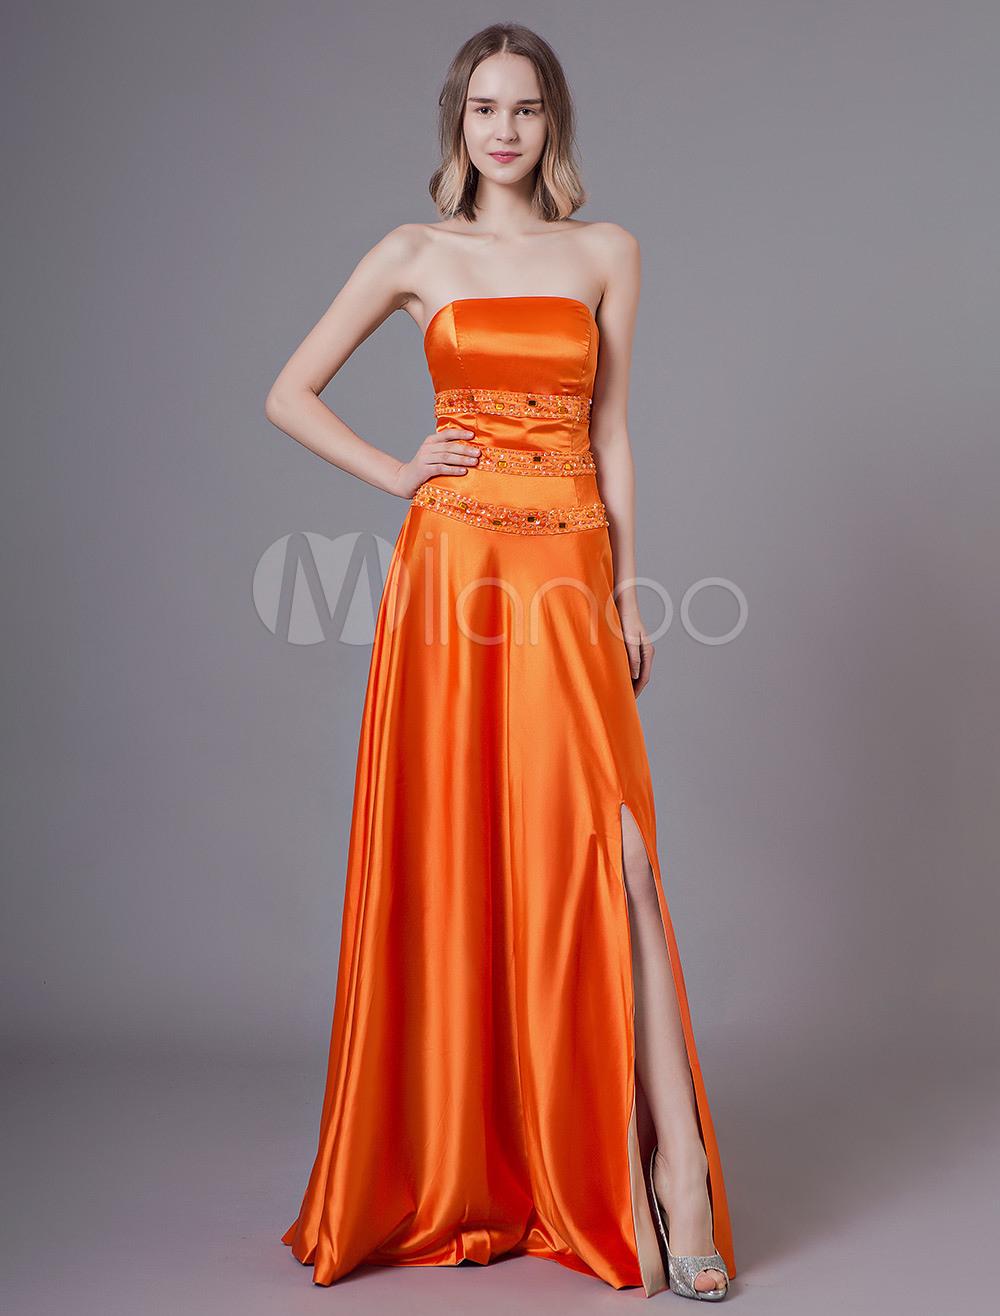 Formal Schön Abendkleid Orange Stylish13 Kreativ Abendkleid Orange Boutique